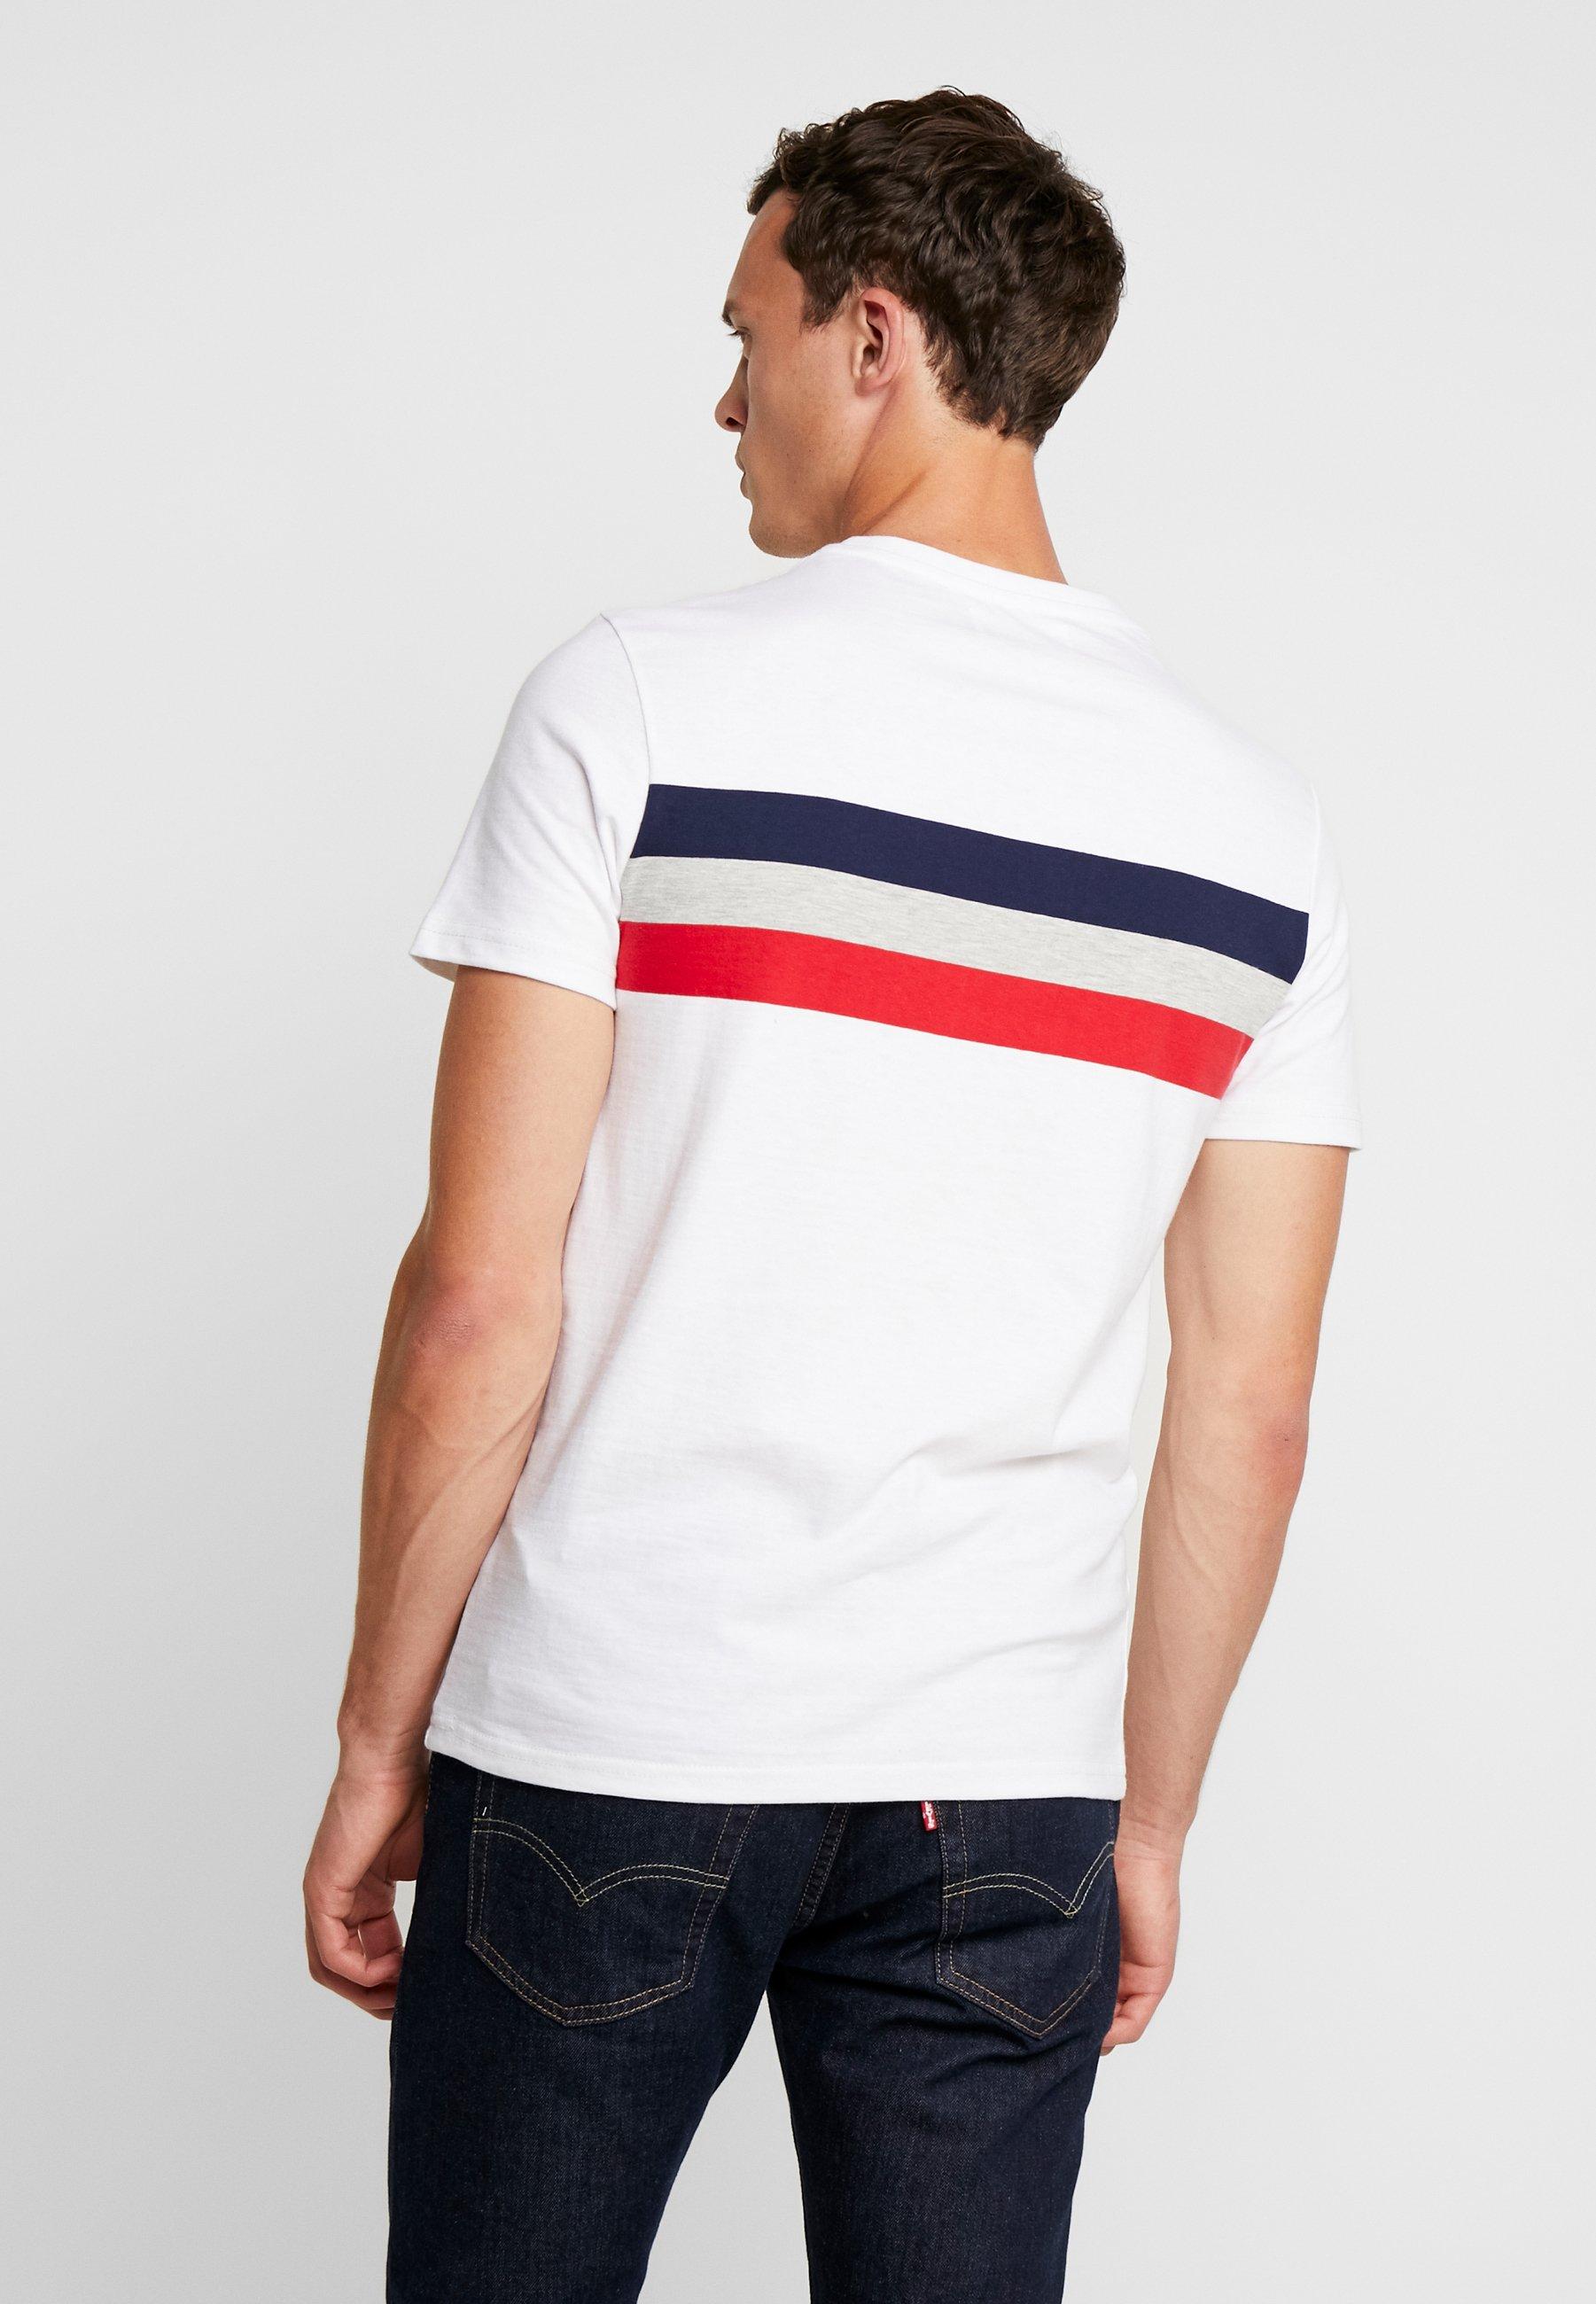 Pier T shirt shirt Pier T ImpriméWhite One shirt One ImpriméWhite One Pier T nw8Pk0OX